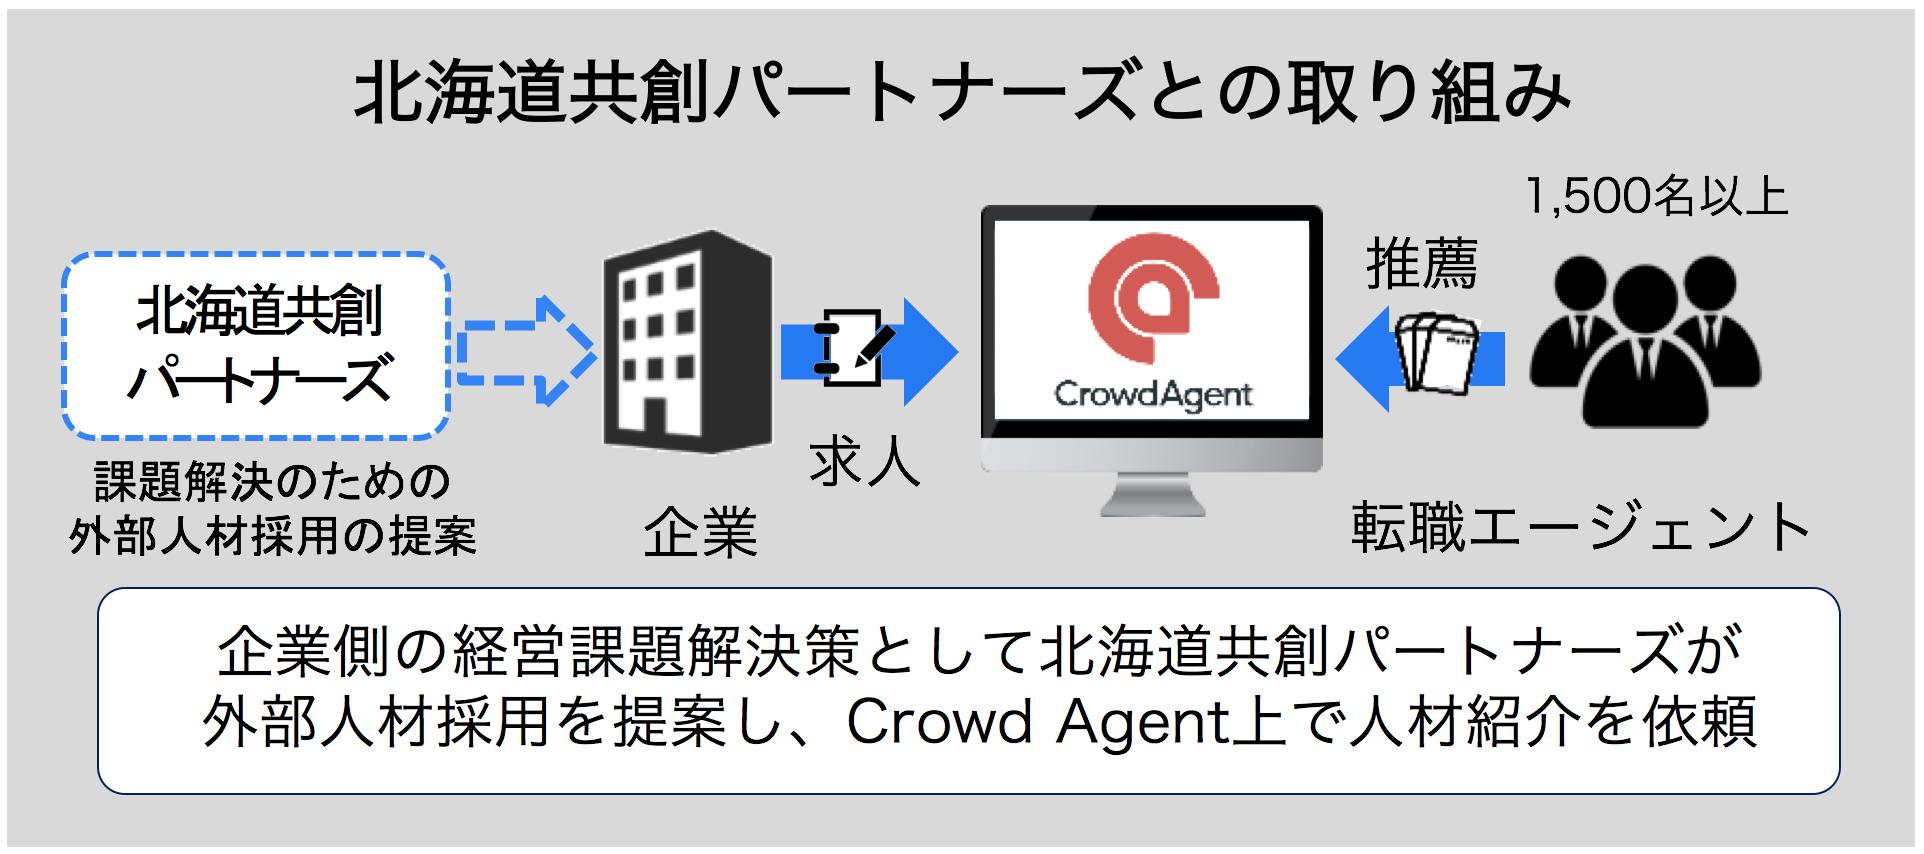 北海道企業の人材確保支援開始